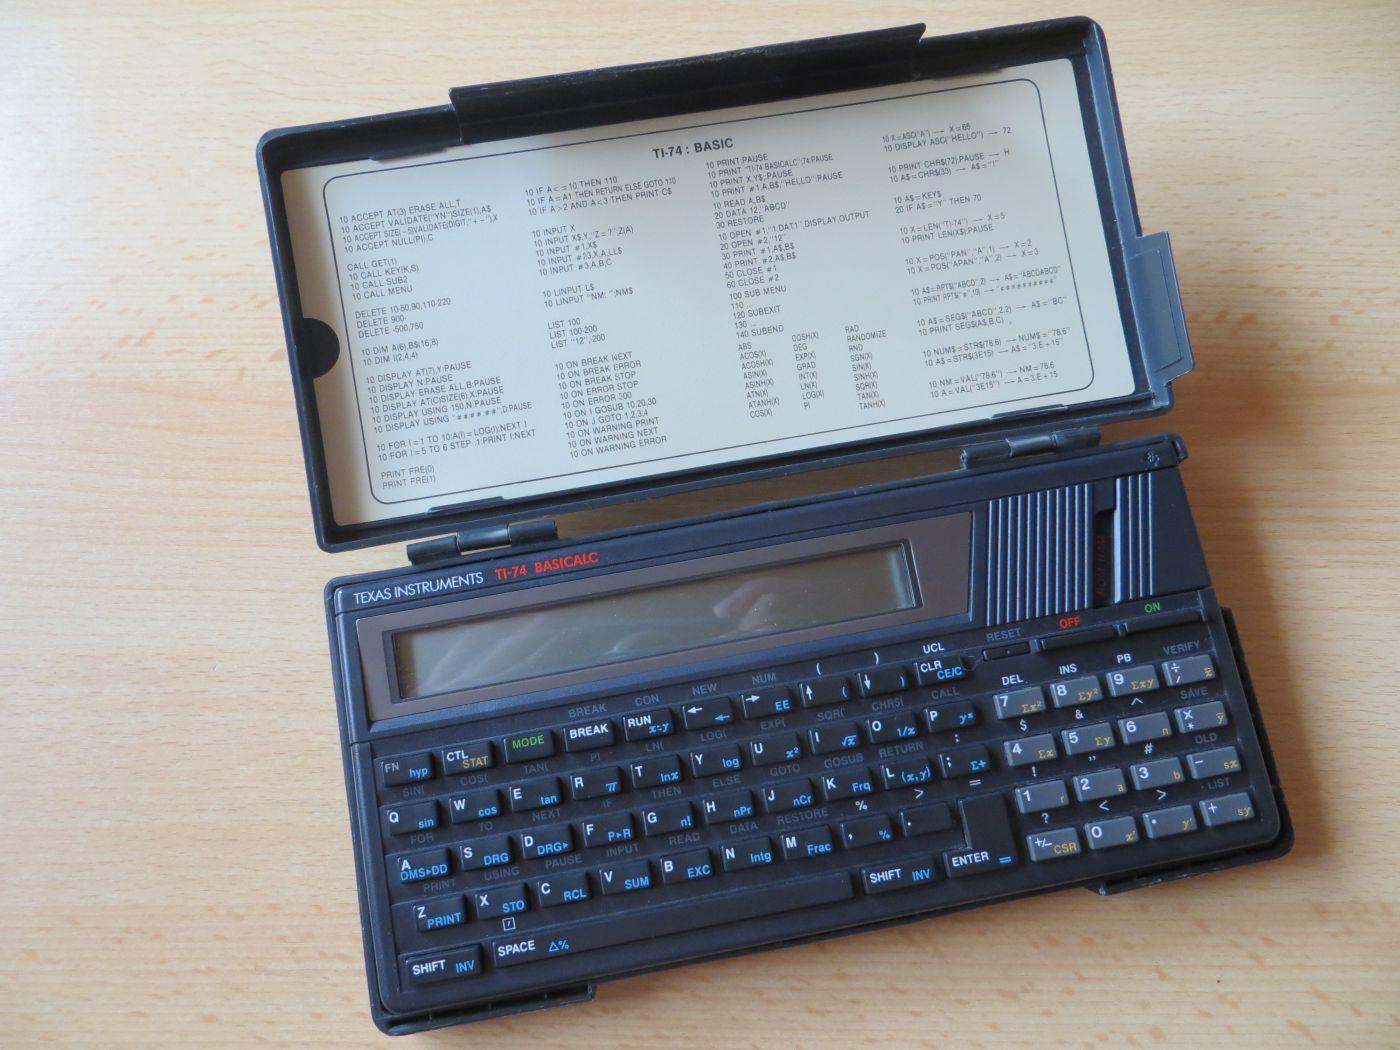 TI-74 Basicalc mit Hülle aufgeklappt